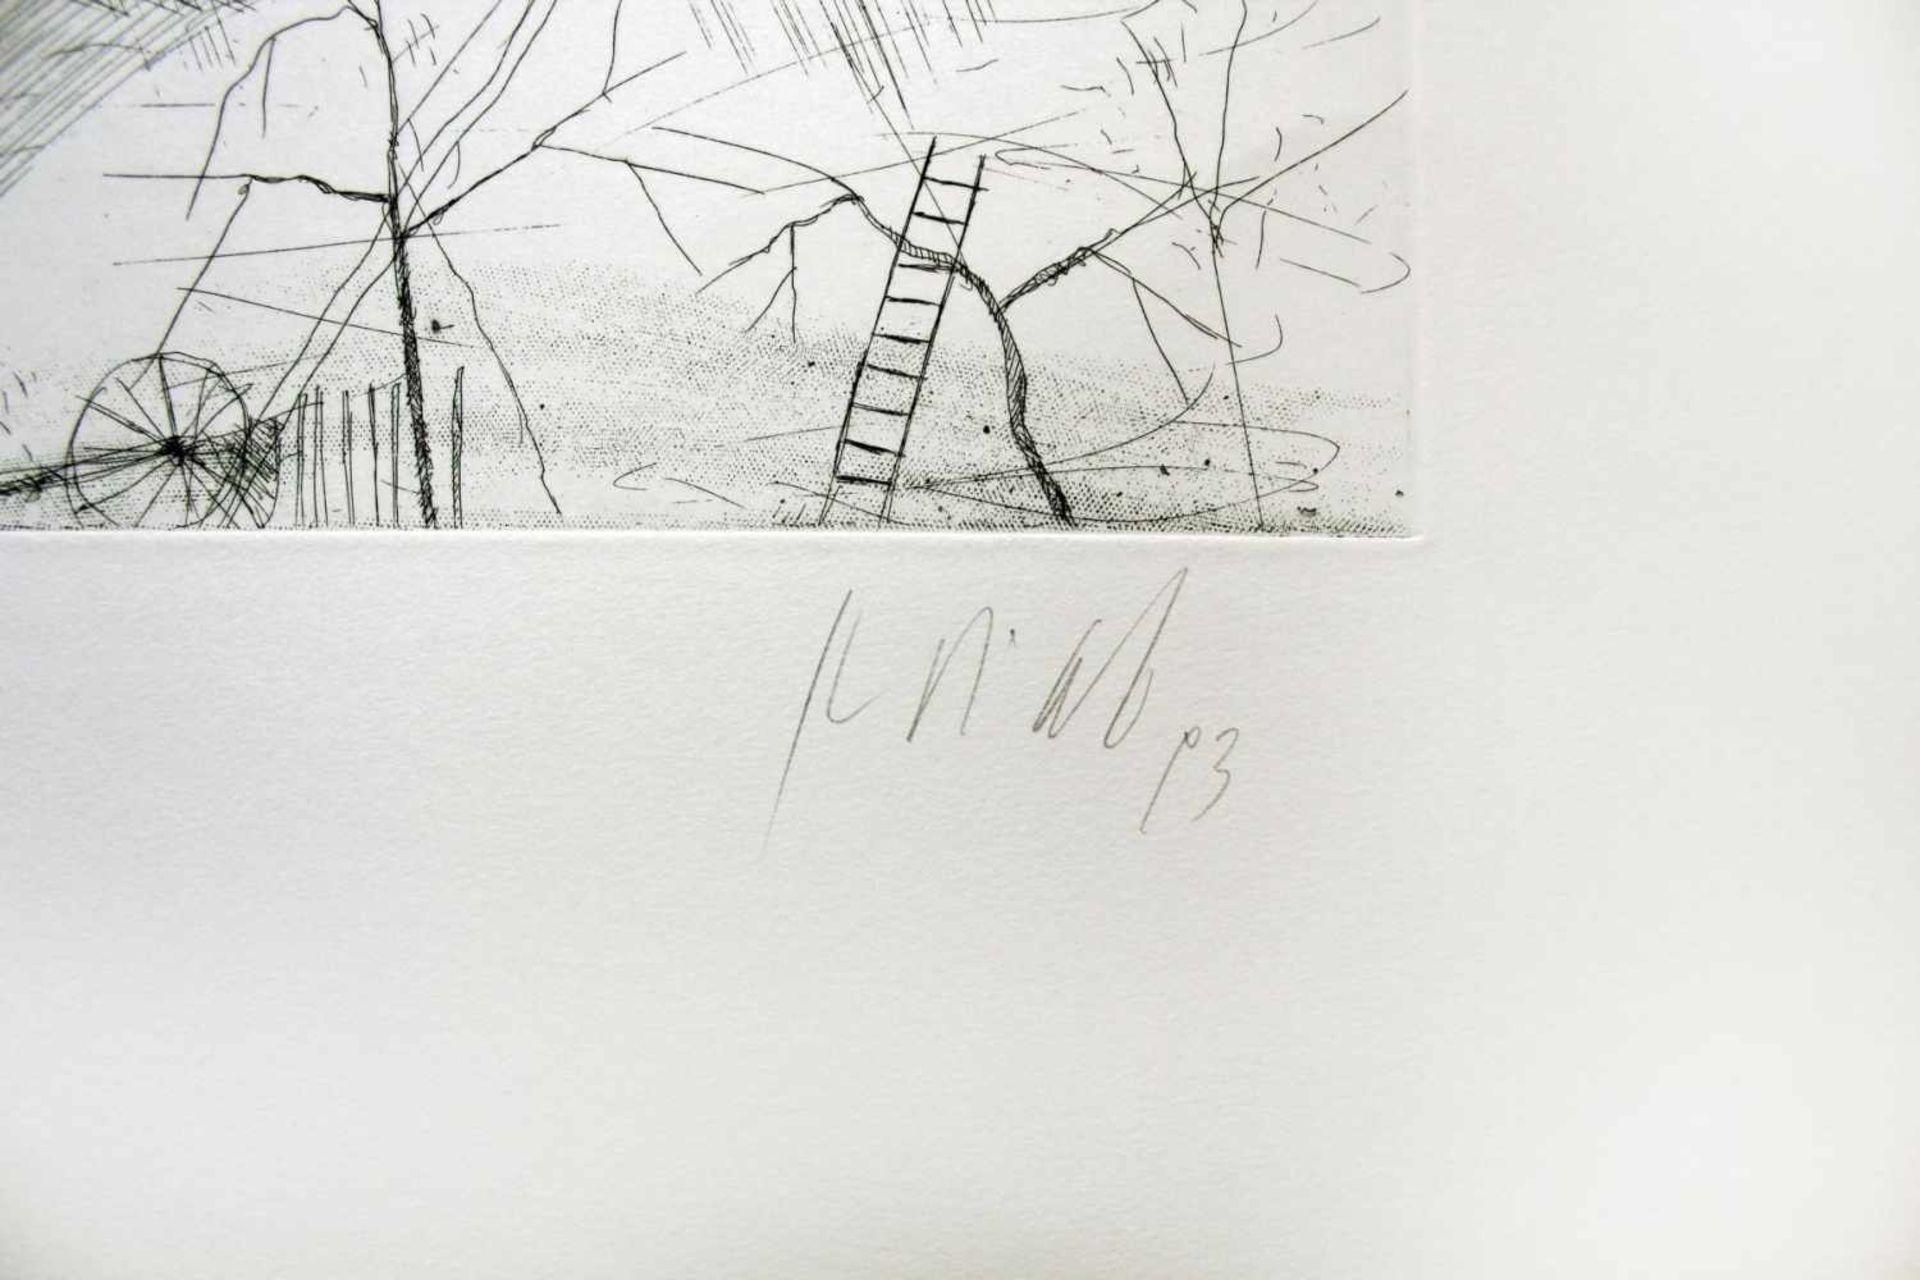 Karl Korab geb. 1937 o.T. 1993 Radierung handsigniert, datiert und nummeriert 31/200 51 x 65 cm - Bild 2 aus 4